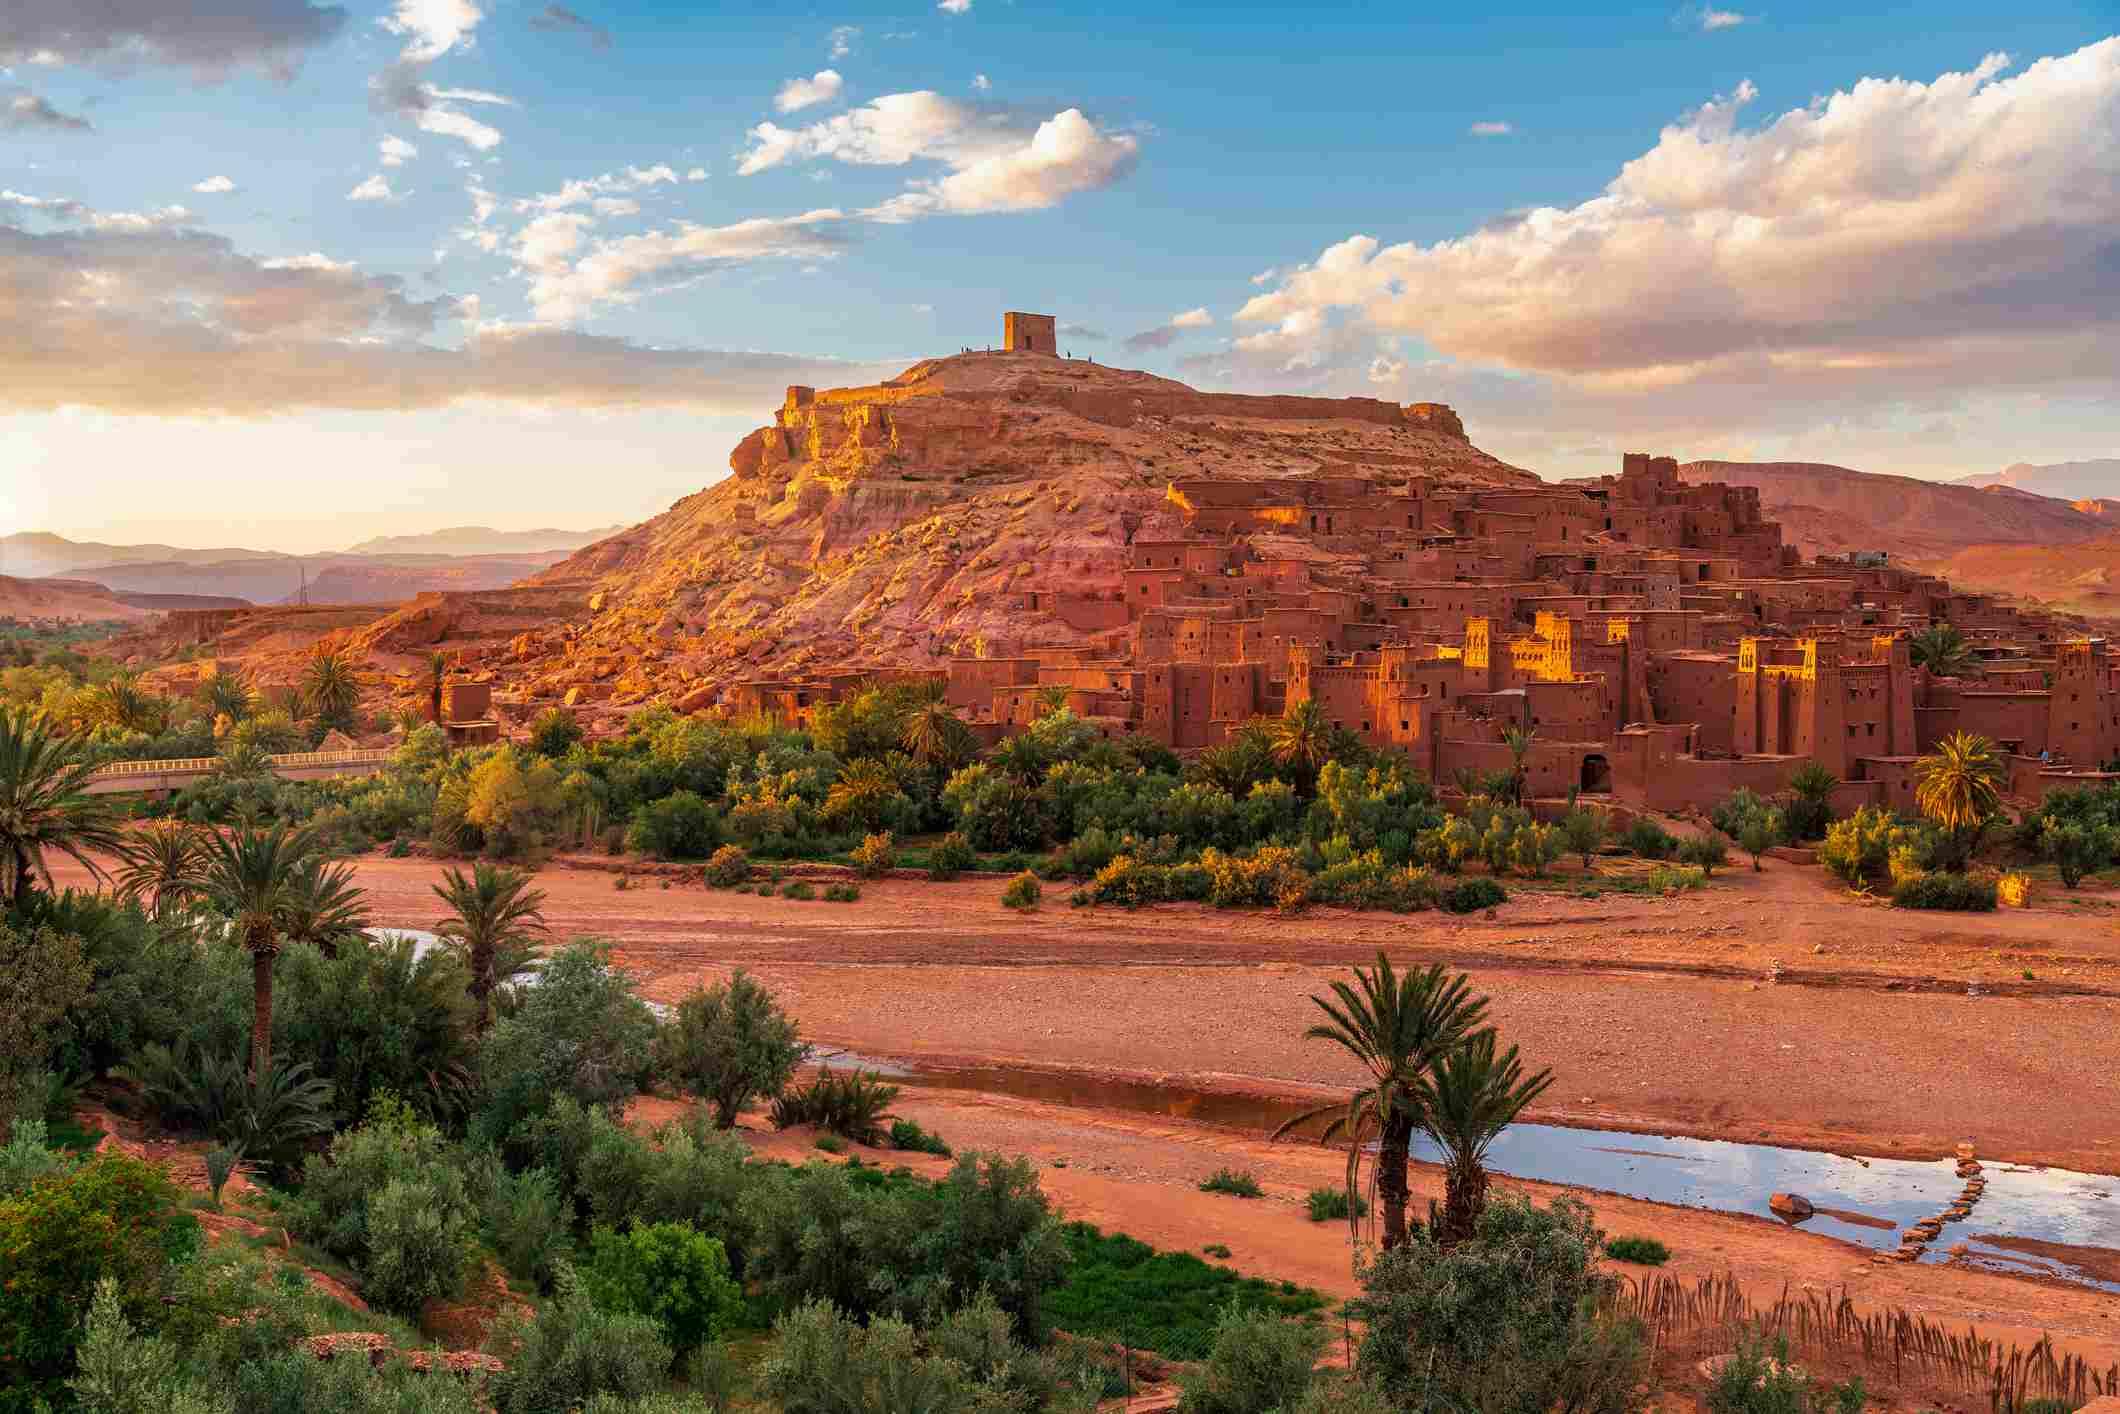 Ait Benhaddou ksar near Ouarzazate, Morocco